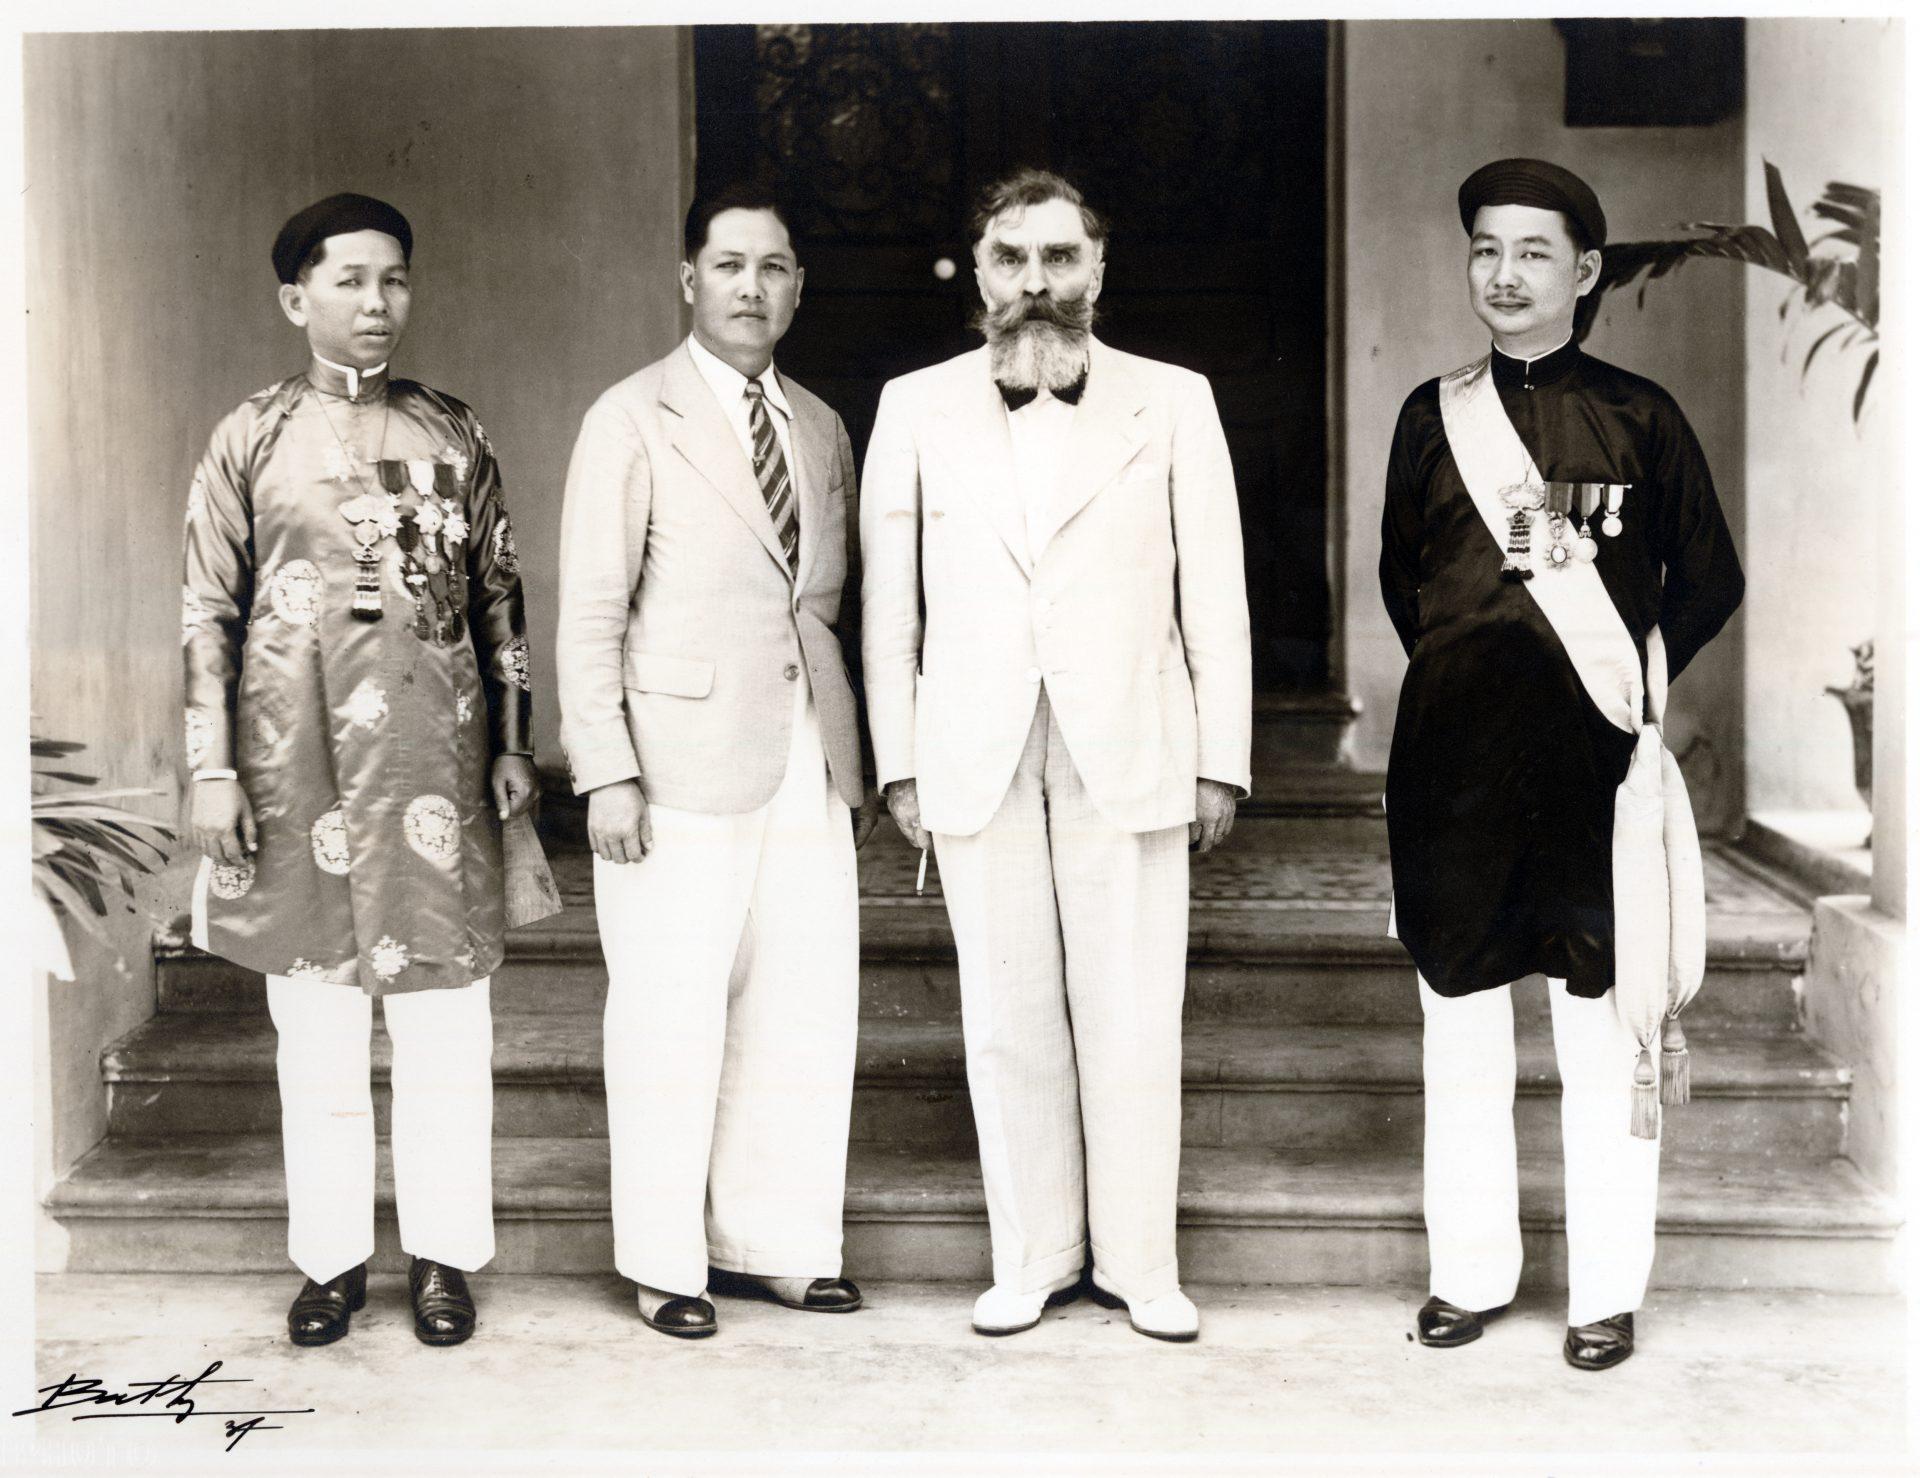 Monsieur Vo-Van-Châu, secrétaire principal au contrôle des contributions directes de Cholon, M. Ho-Van-Cam, propriétaire de ö-Môn Cantho, M. Alexandre Varenne, Gouverneur de la Cochinchine, M. Lam-Minh-Thô Huyën, attaché au cabinet du Gouverneur de la Cochinchine (de gauche à droite)- Saïgon, 1937